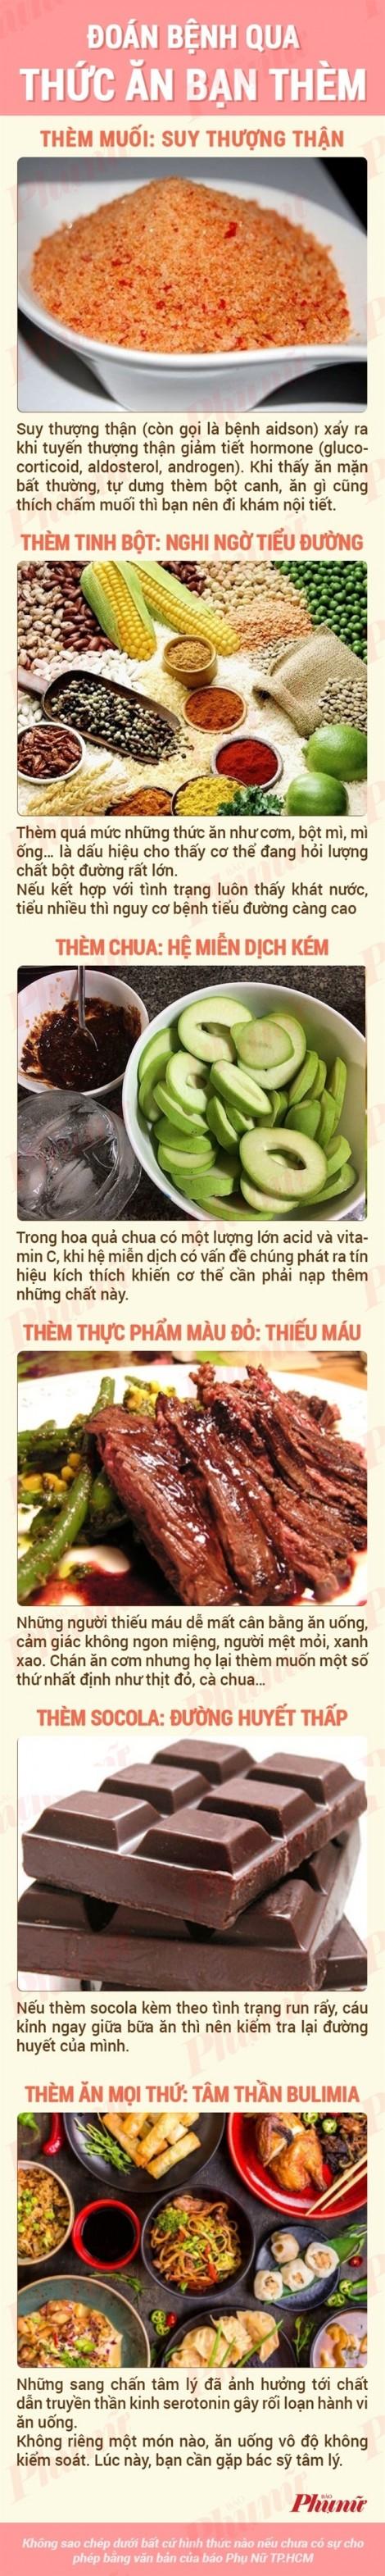 Đoán bệnh qua thức ăn bạn thèm